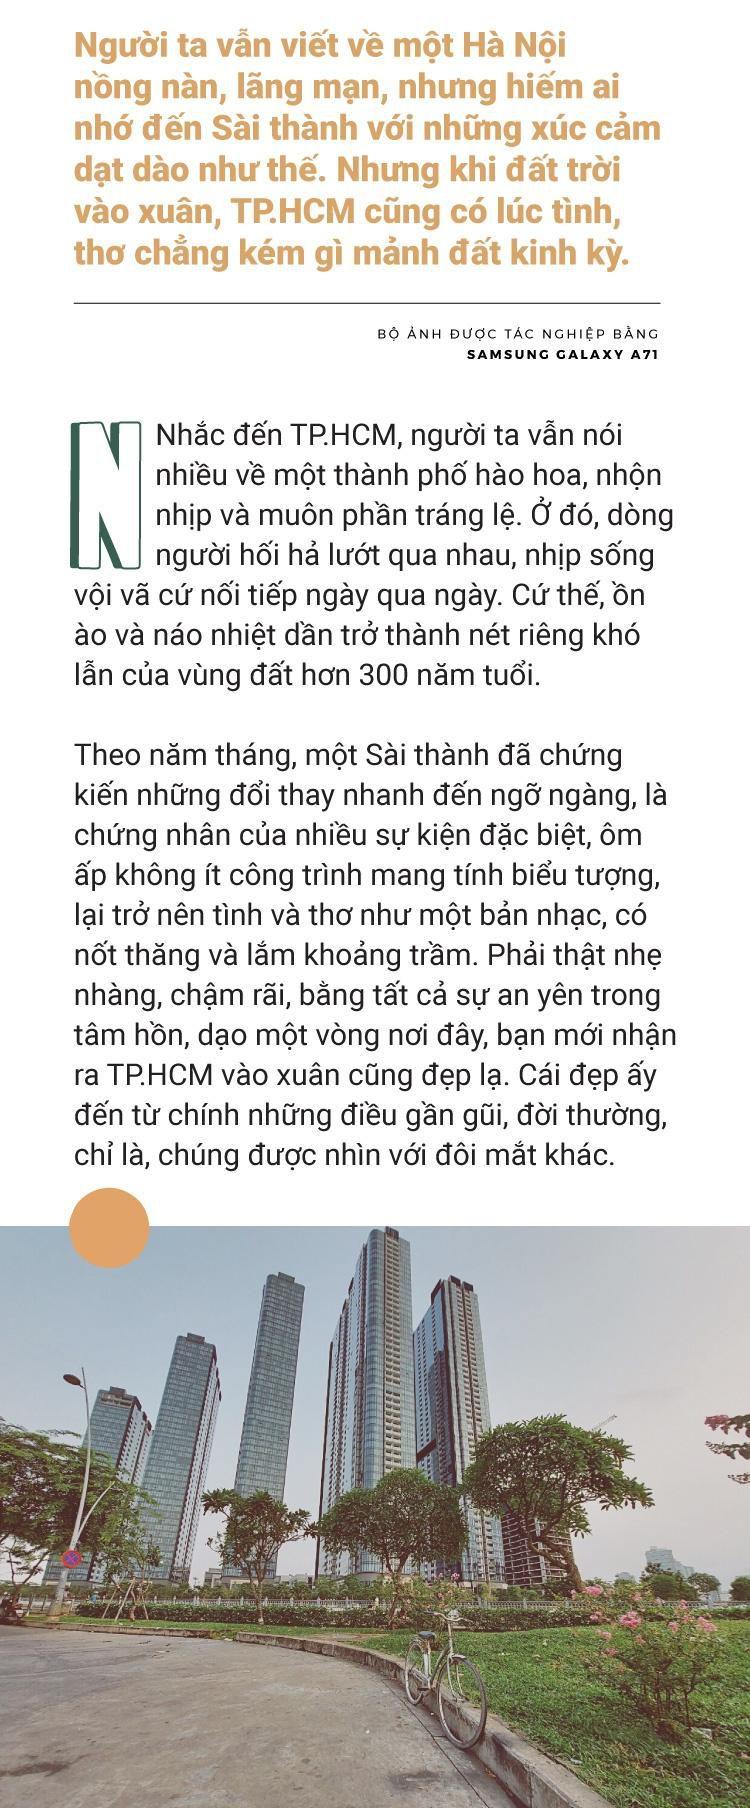 Đâu chỉ Hà Nội, TP.HCM vào xuân cũng tình và thơ như thế Ảnh 2